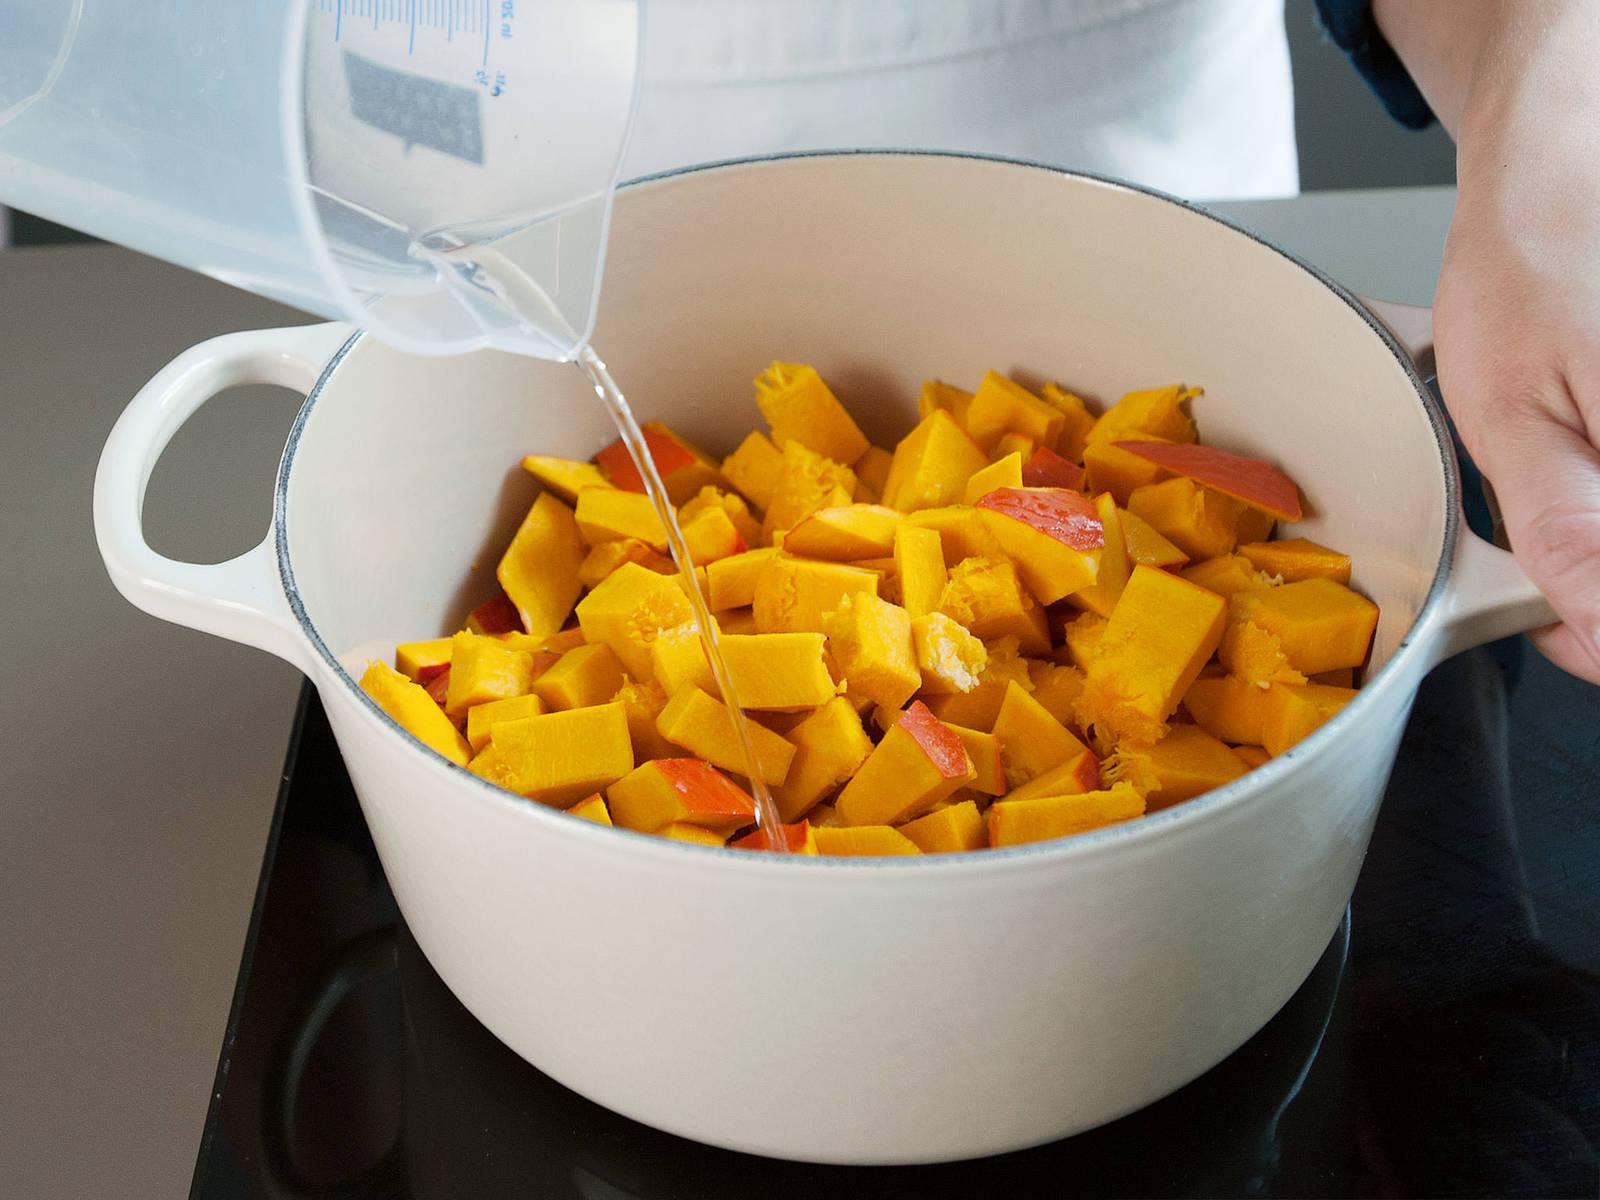 Um das Kürbispüree vorzubereiten, den Hokkaido-Kürbis aufschneiden, die Kerne entfernen und das Fleisch in Stücke schneiden. Mit etwas Wasser in einem großen Topf mit leicht geöffnetem Deckel bei mittlerer Hitze ca. 25 Min. garen, bis er weich ist.